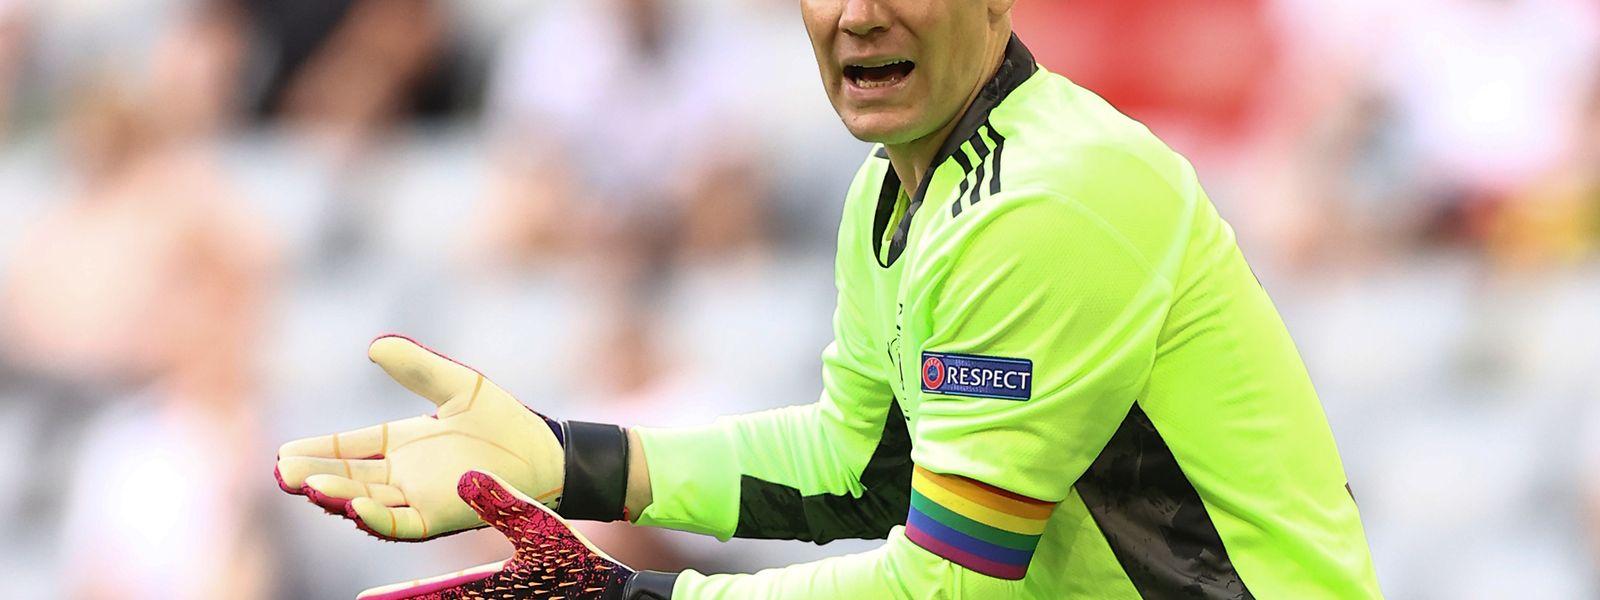 Farbe bekannt: Deutschlands Kapitän Manuel Neuer mit Regenbogenarmbinde.